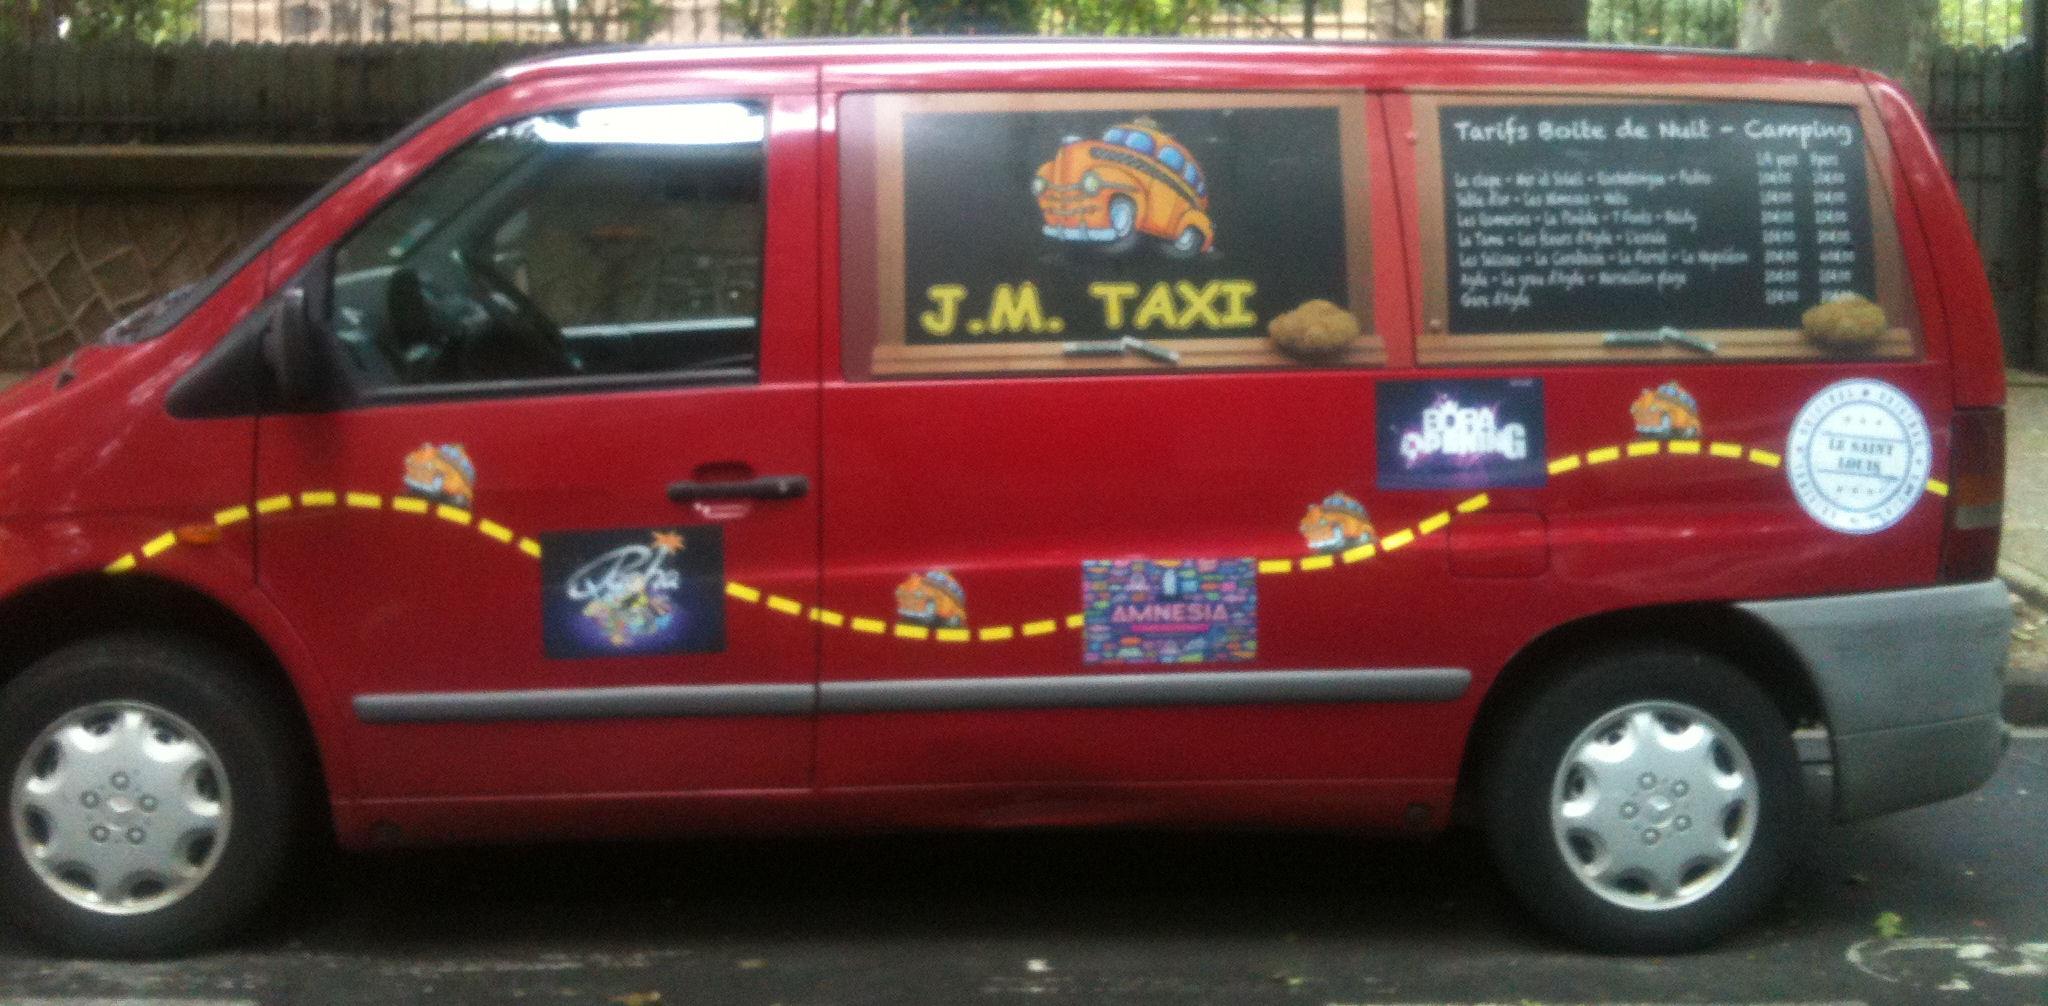 agde. jm taxi.9 places.taxi boite de nuit